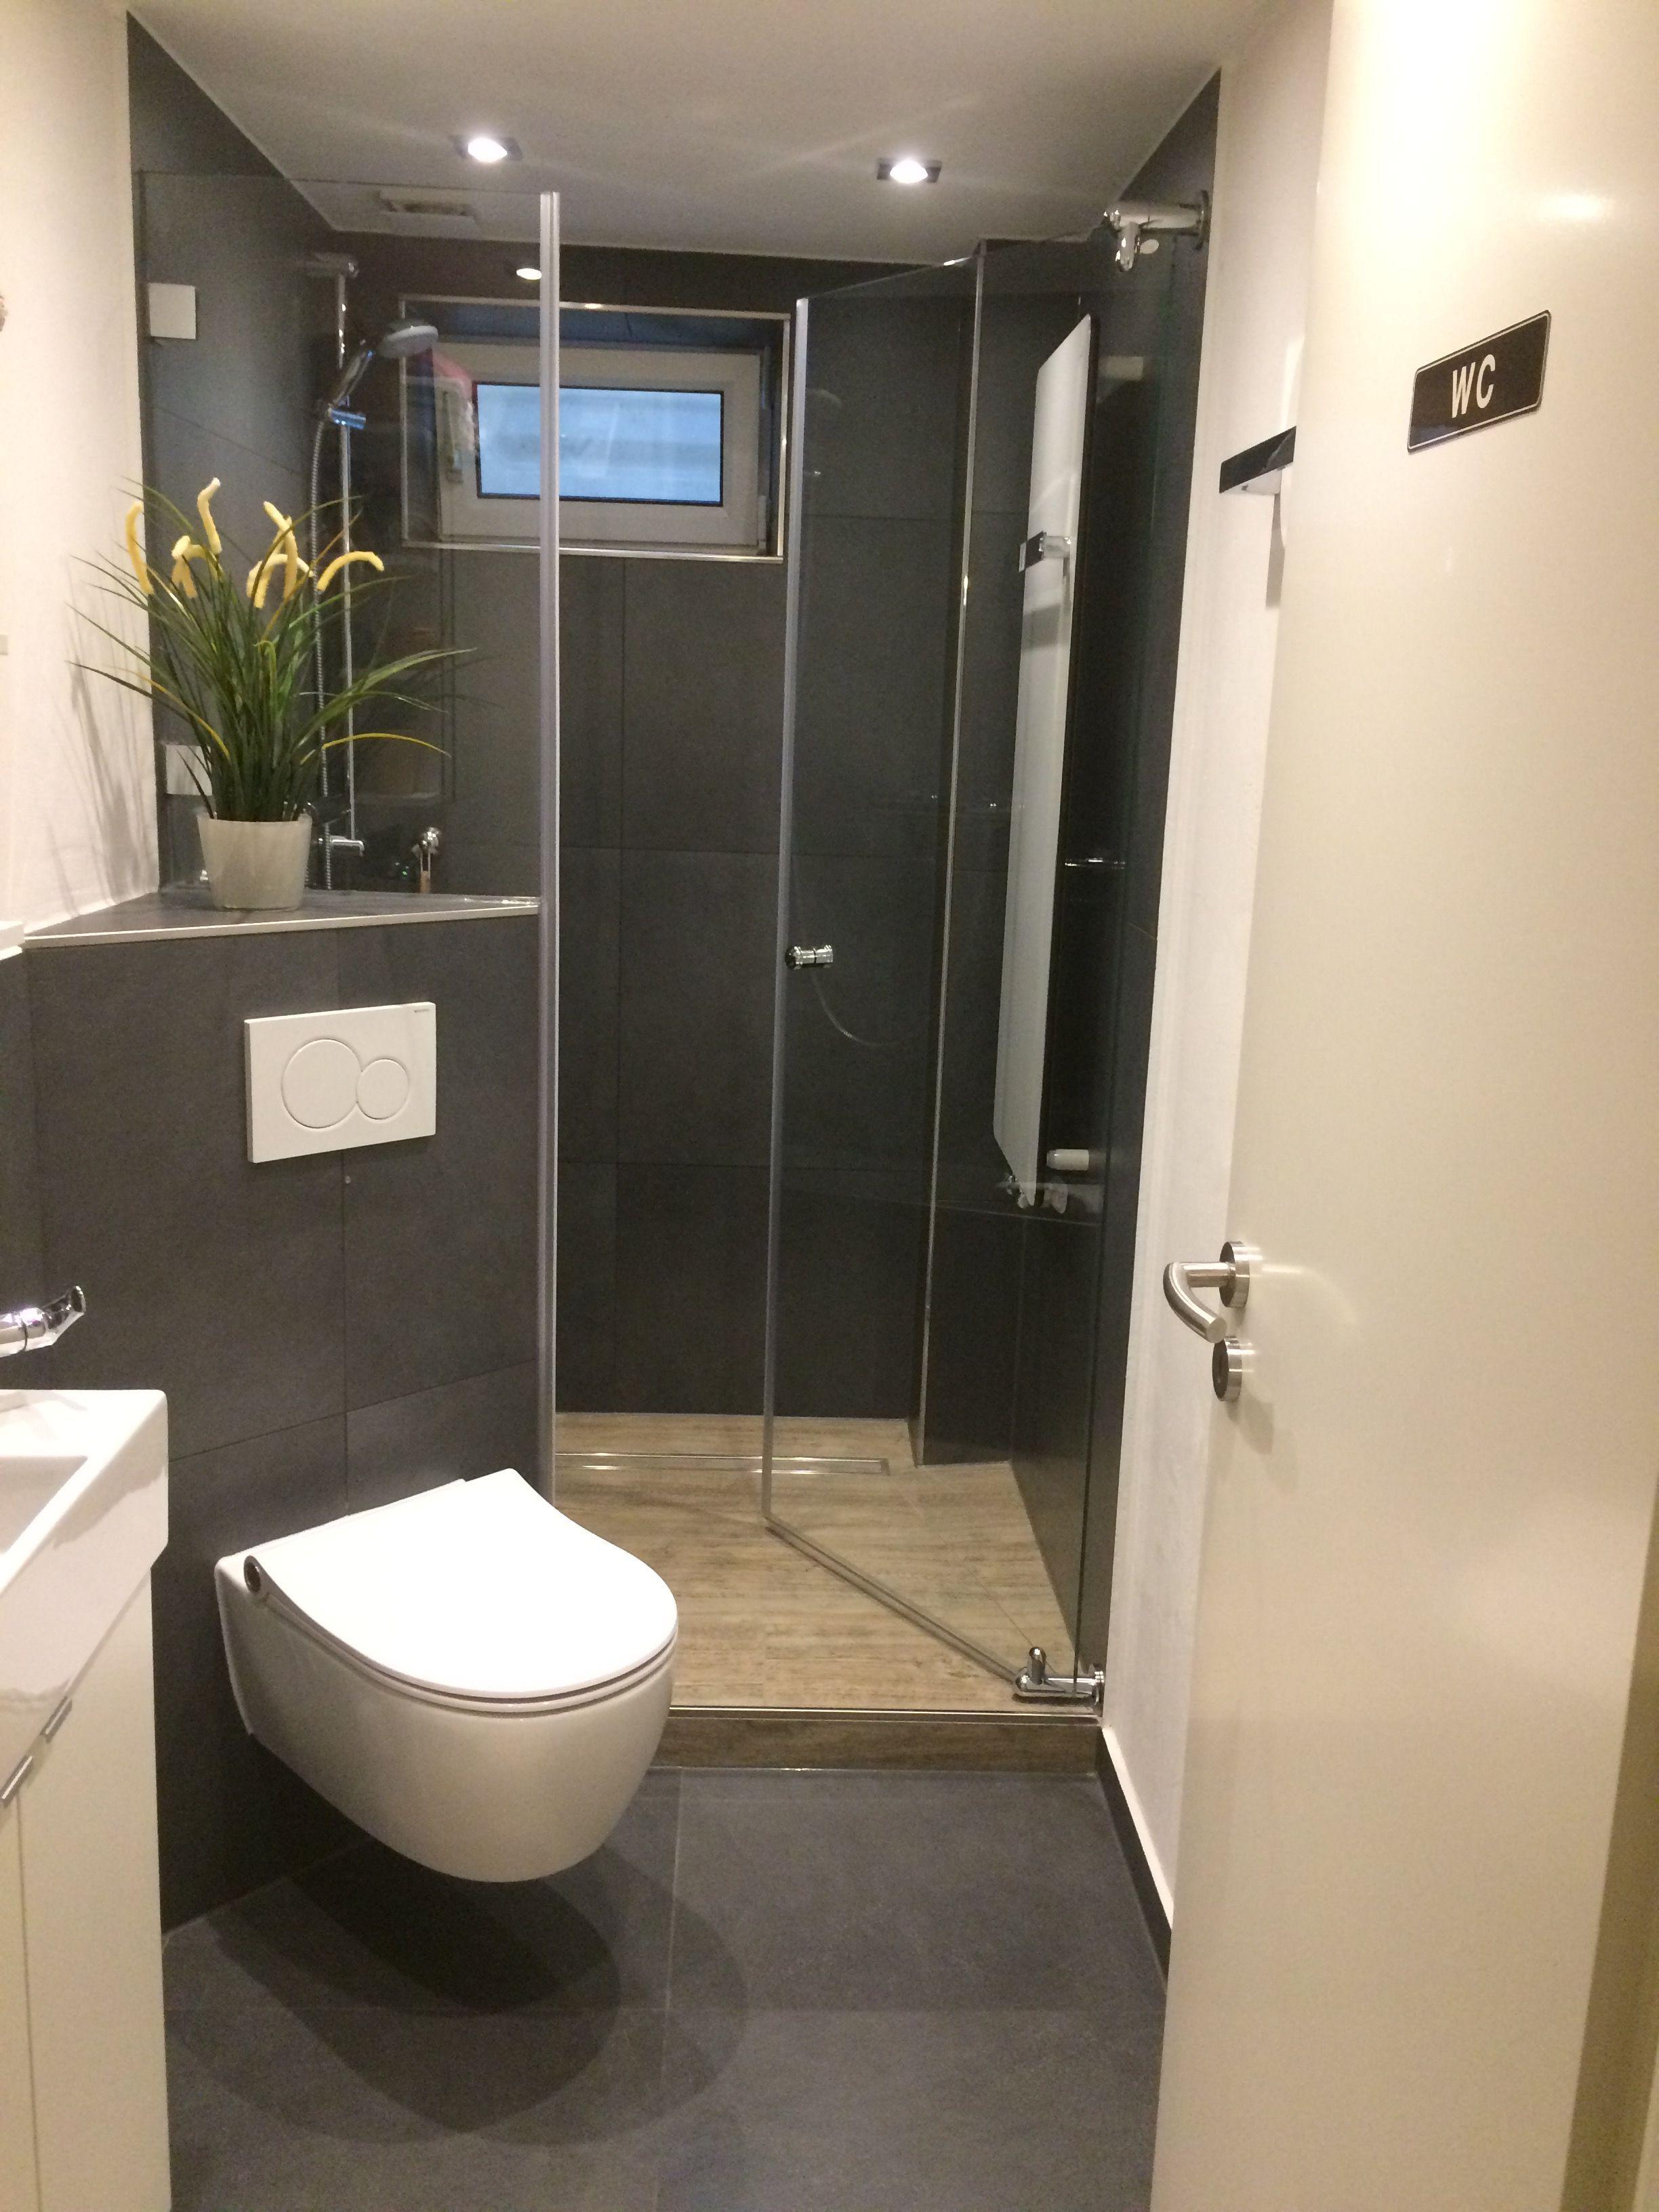 Finde Jetzt Dein Traumbad Wertvolle Tipps Von Der Planung Bis Zur Umsetzung Kleine Badezimmer Design Badezimmer Design Und Badezimmerideen